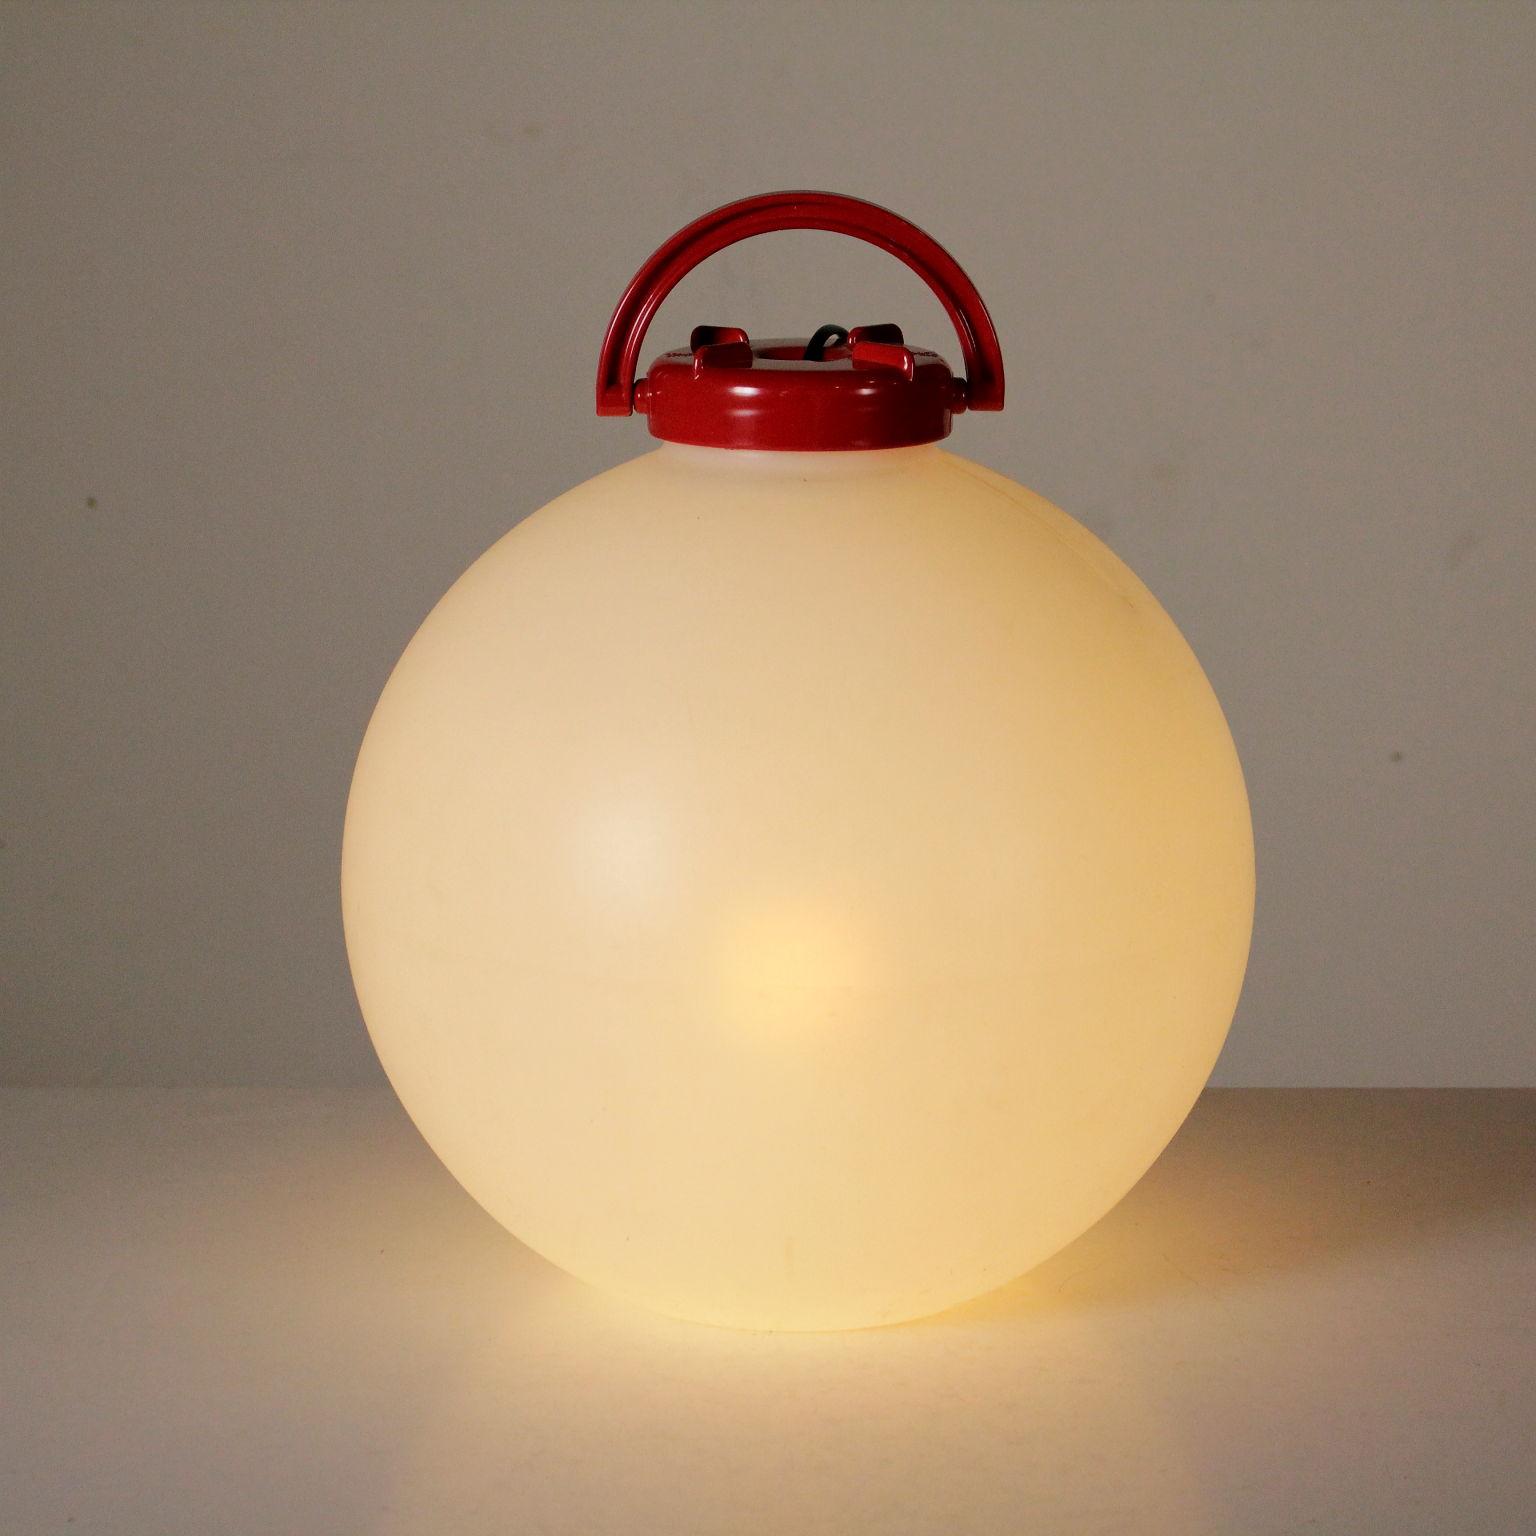 Lampada Da Terra Valenti.Lampada Valenti Illuminazione Modernariato Dimanoinmano It